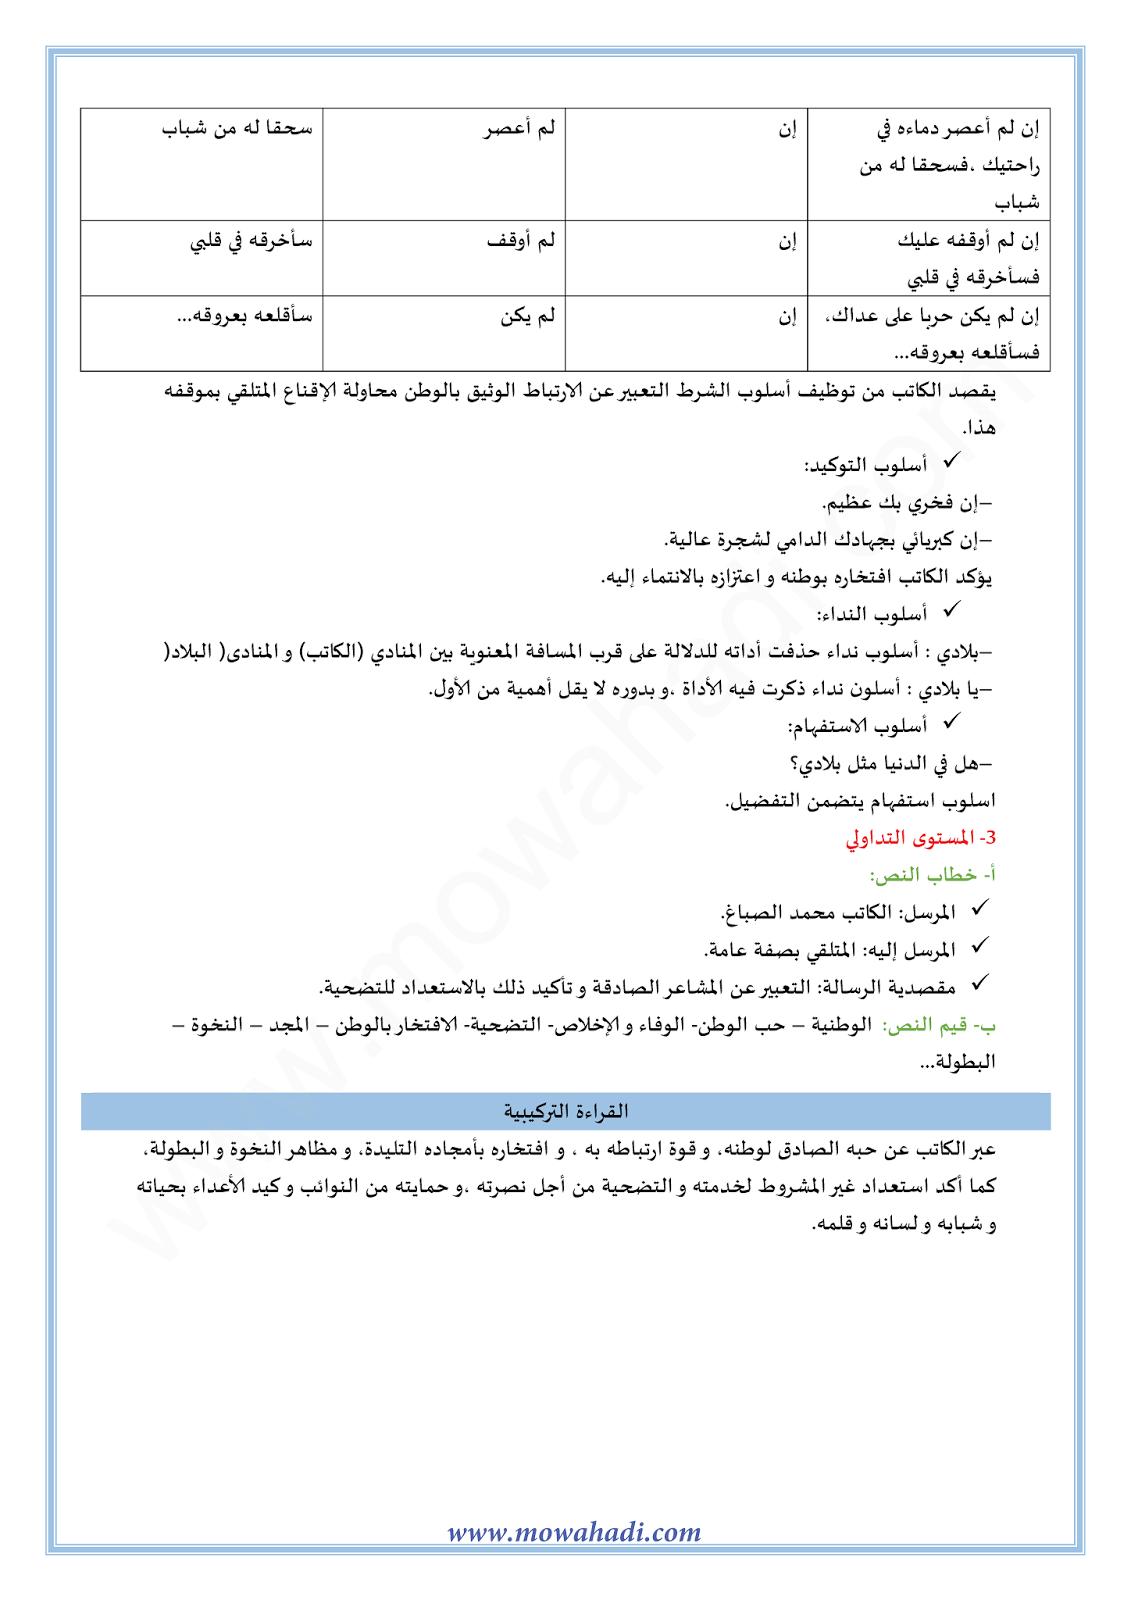 بـــــــــلادي2